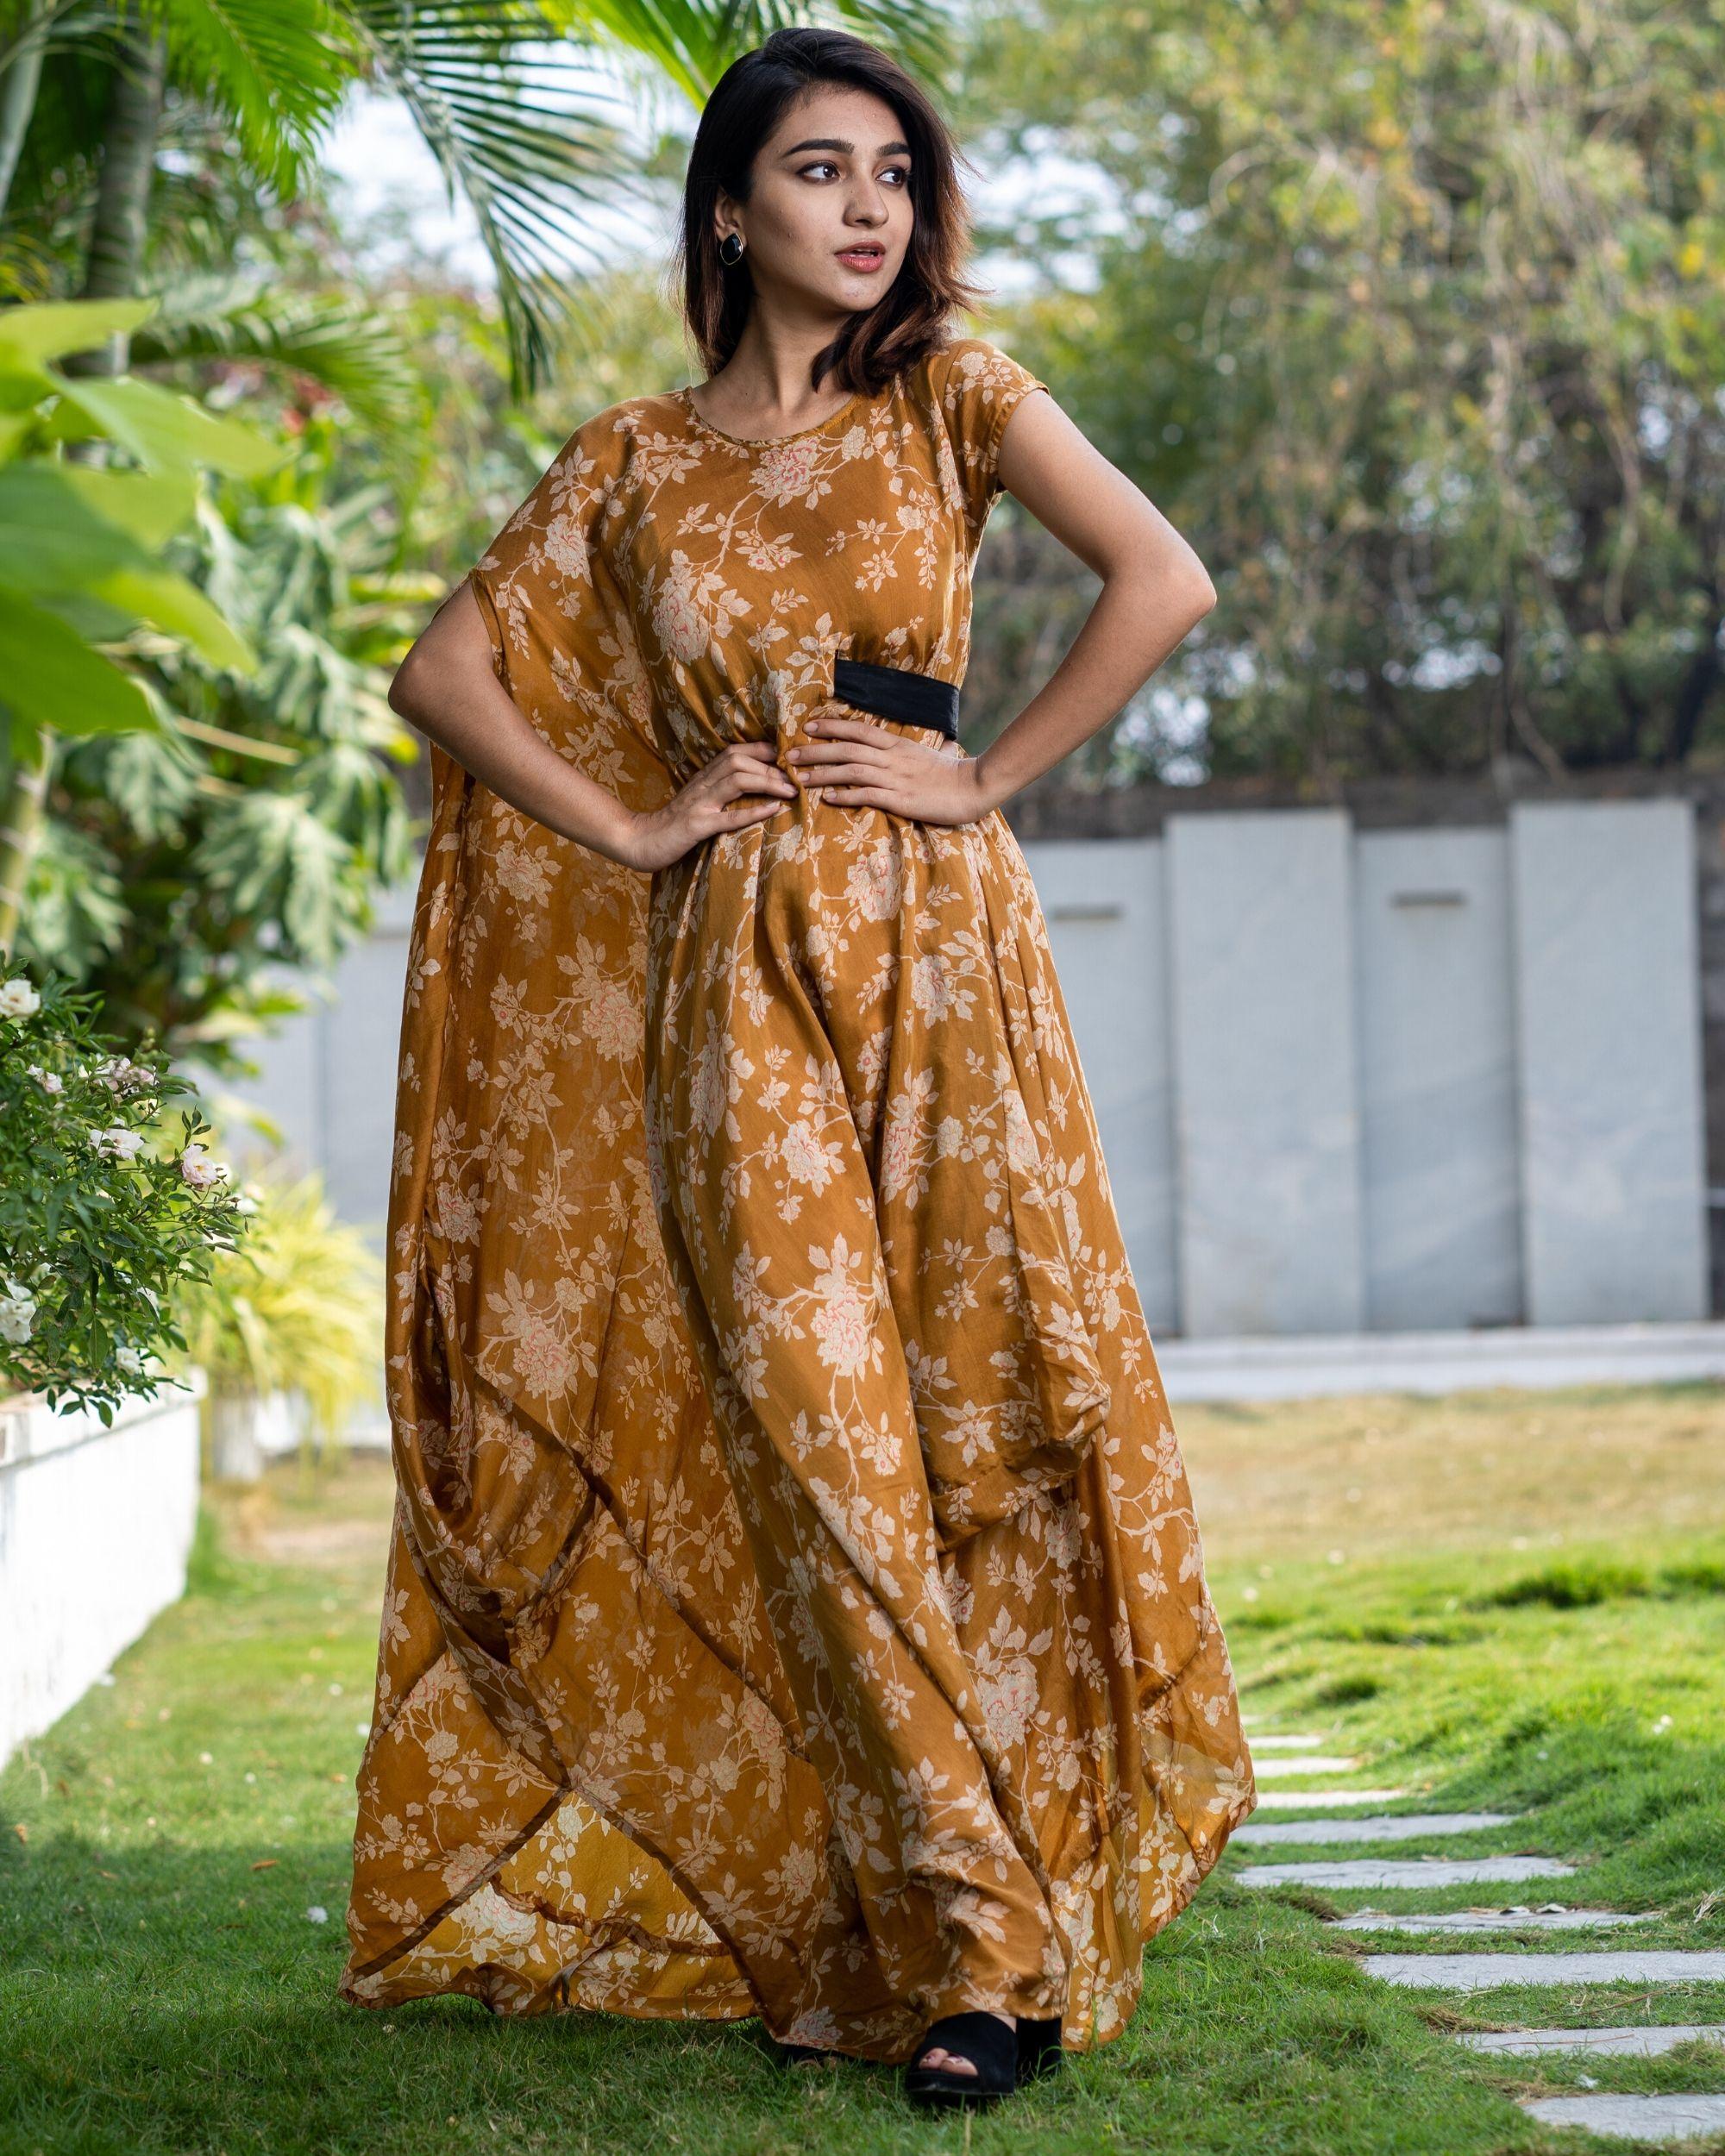 Cider orange floral dress with side belt